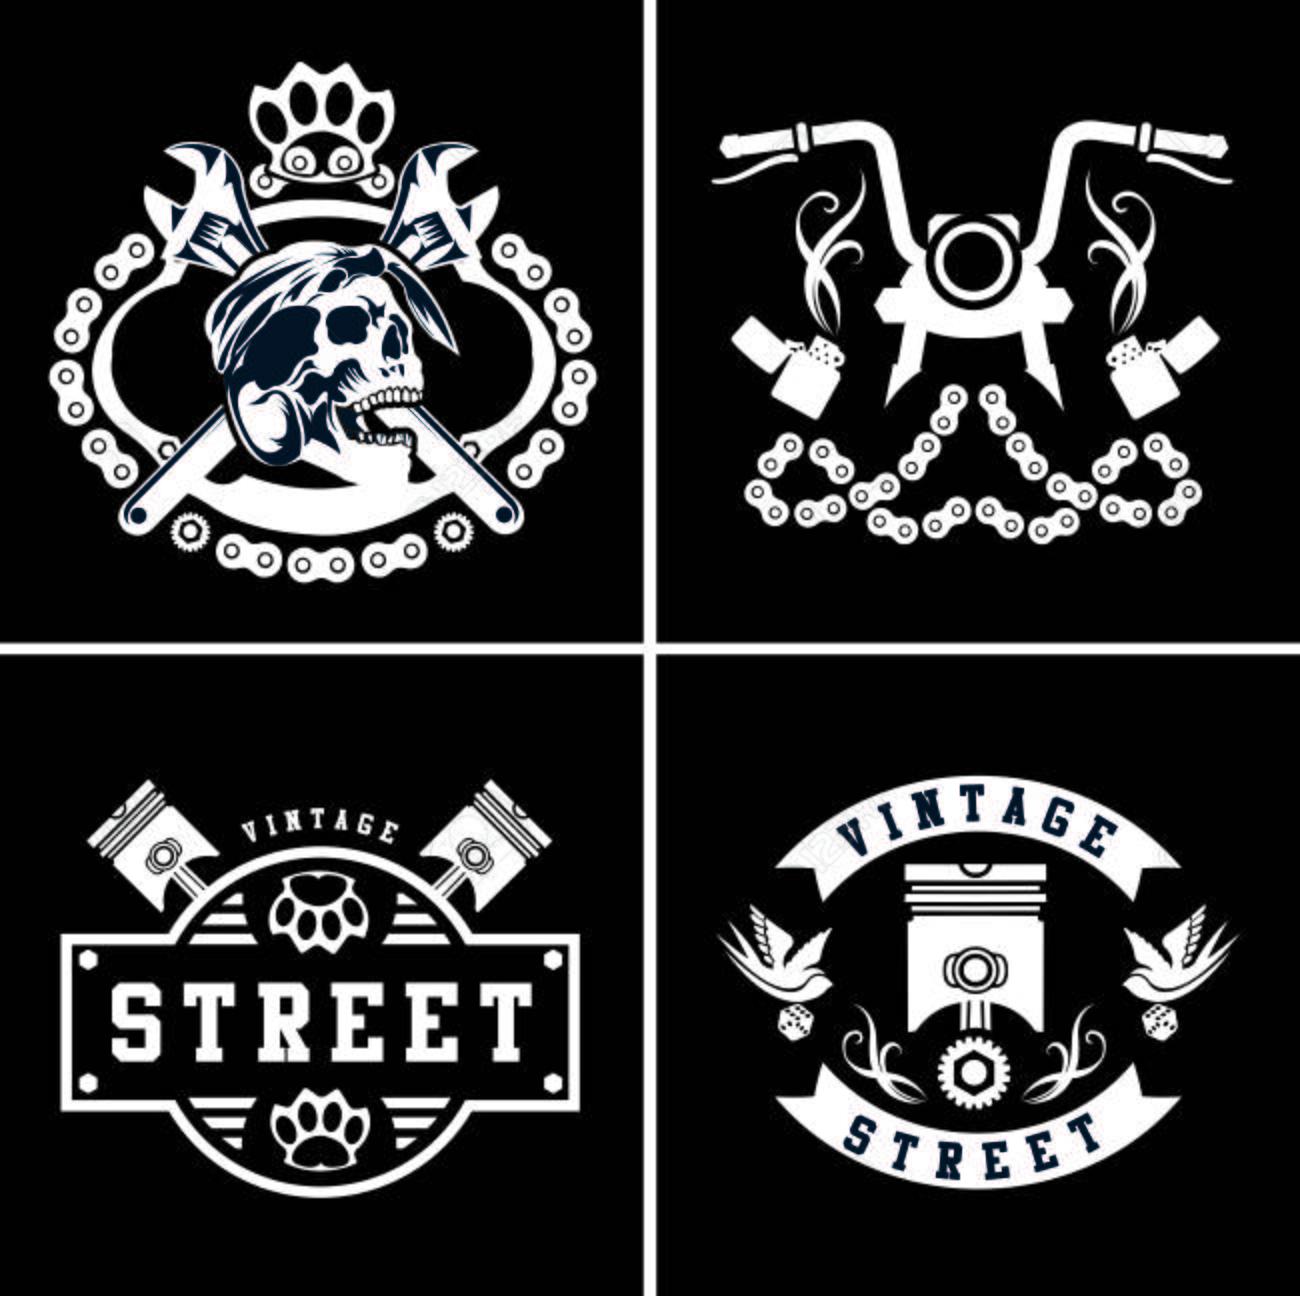 Vector Vintage Biker Club Logos Set Motorcycle Repair Signs